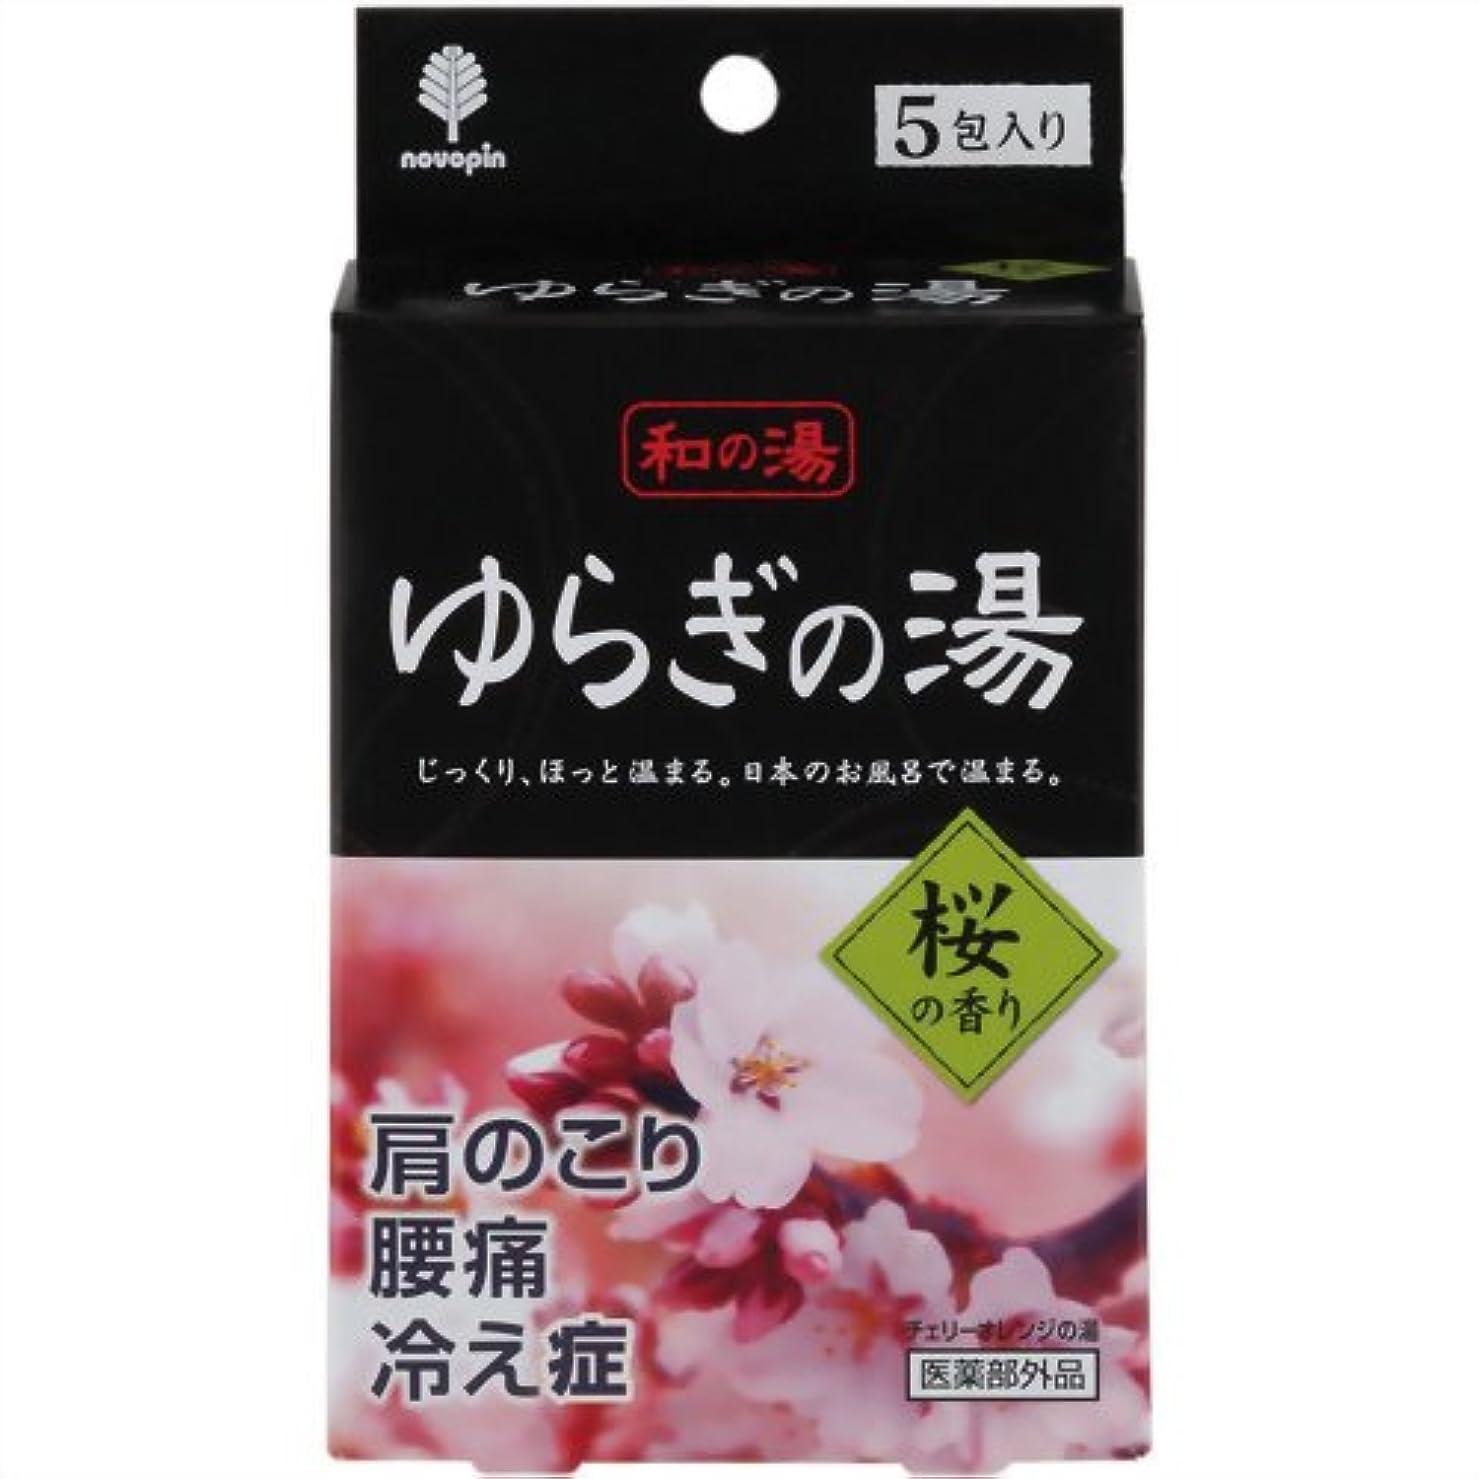 飲食店方程式強大な和の湯 ゆらぎの湯 桜の香り